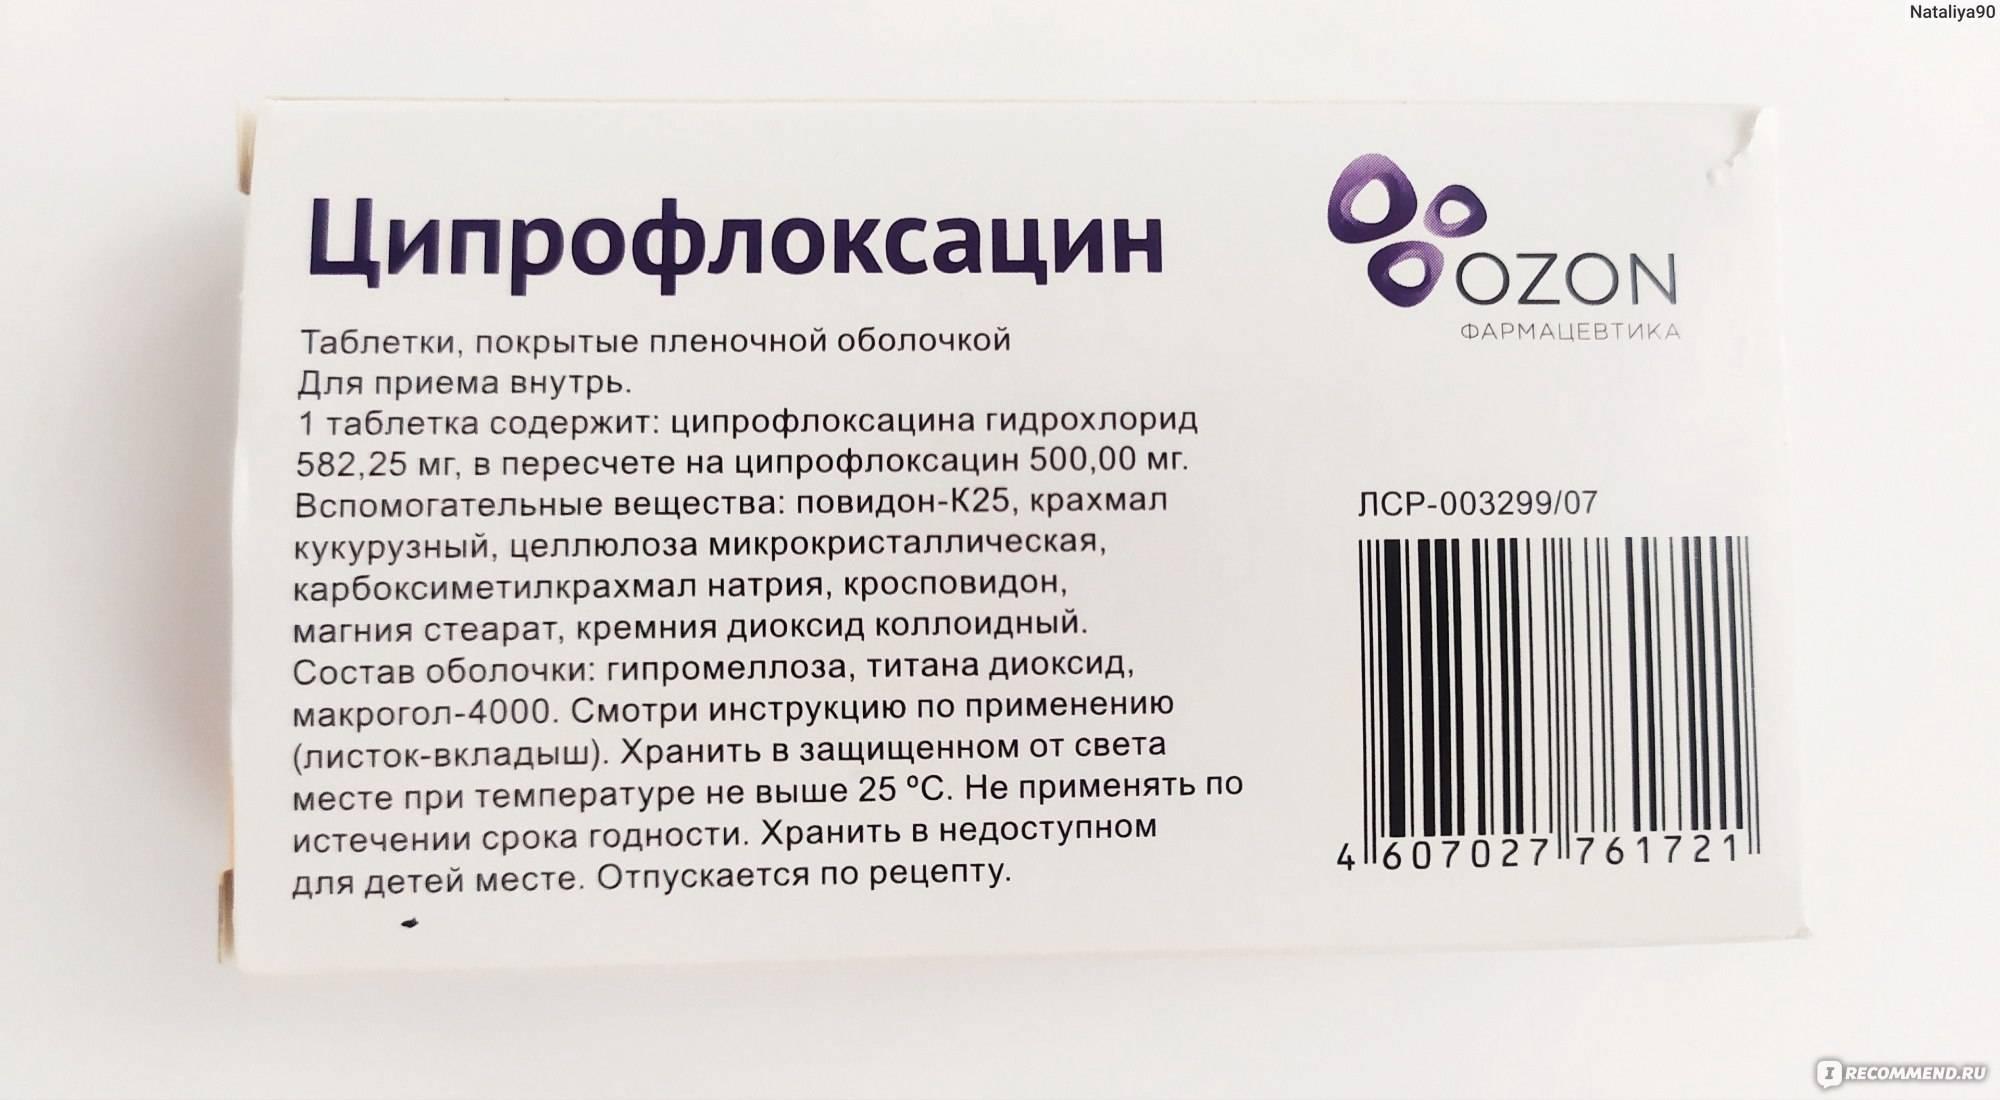 Ципрофлоксацин (таблетки) для собак и кошек   отзывы о применении препаратов для животных от ветеринаров и заводчиков